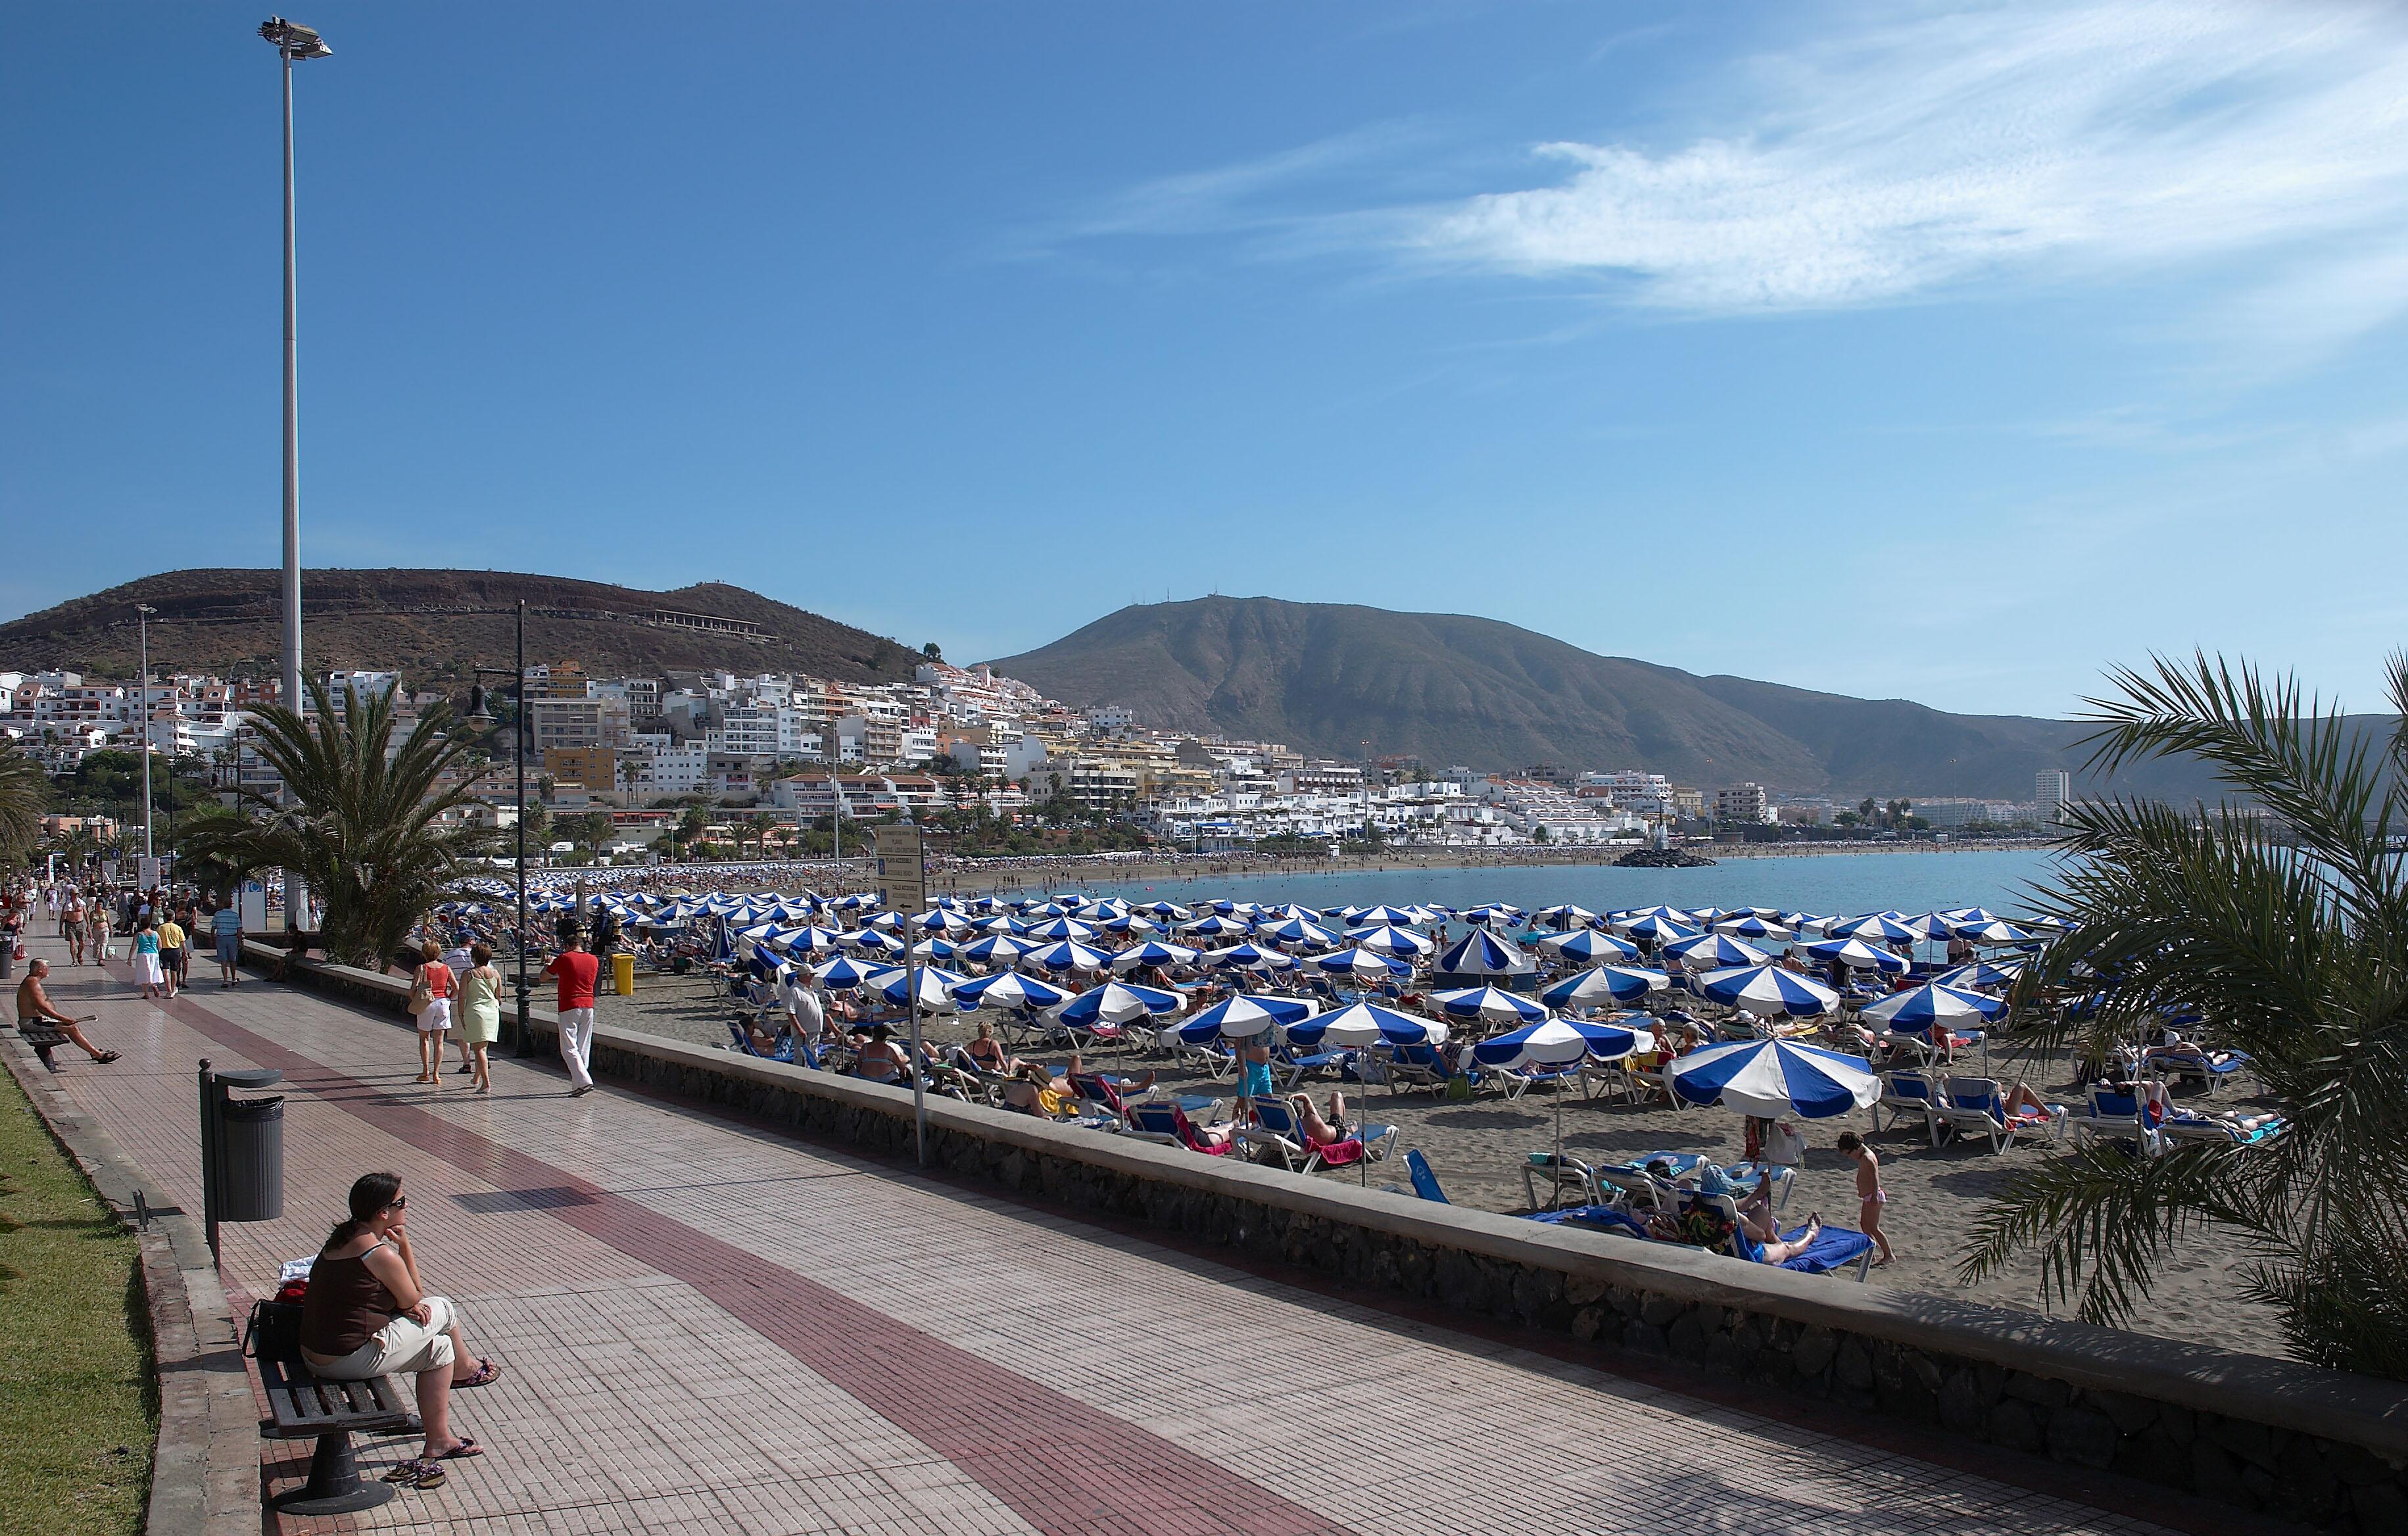 FileTenerife cristianos beach Bjpg Wikimedia Commons